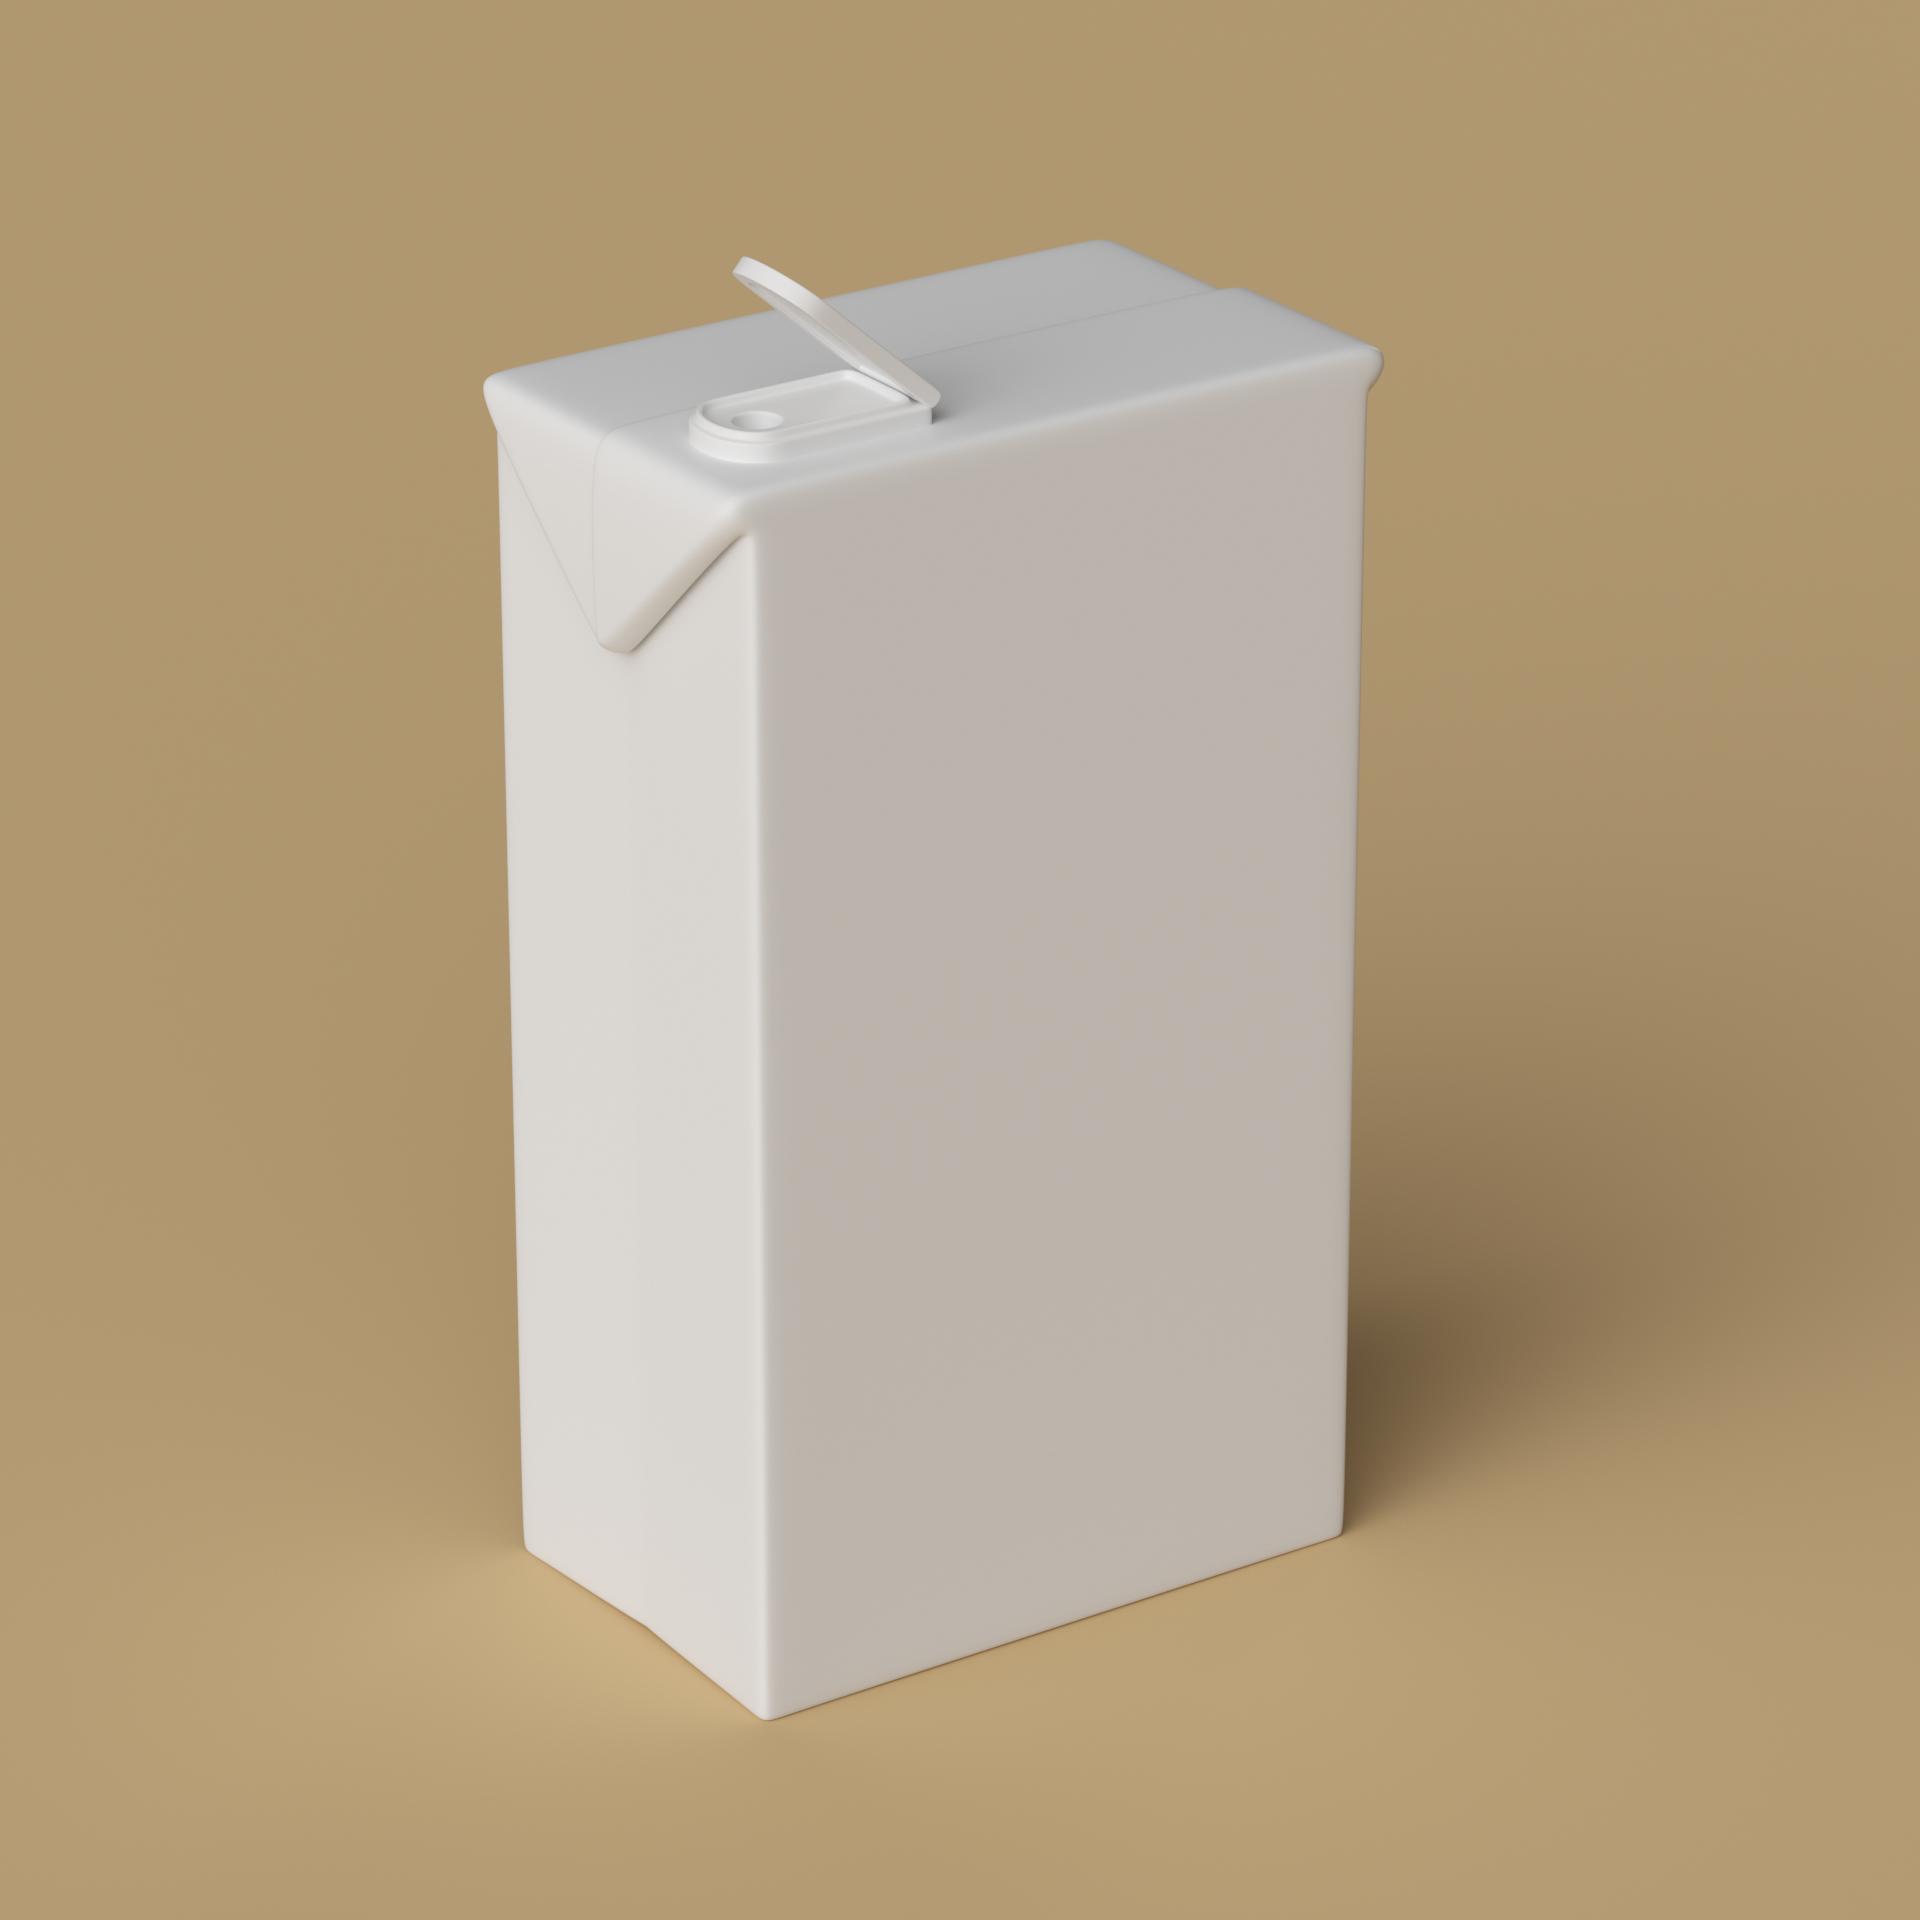 carton.png